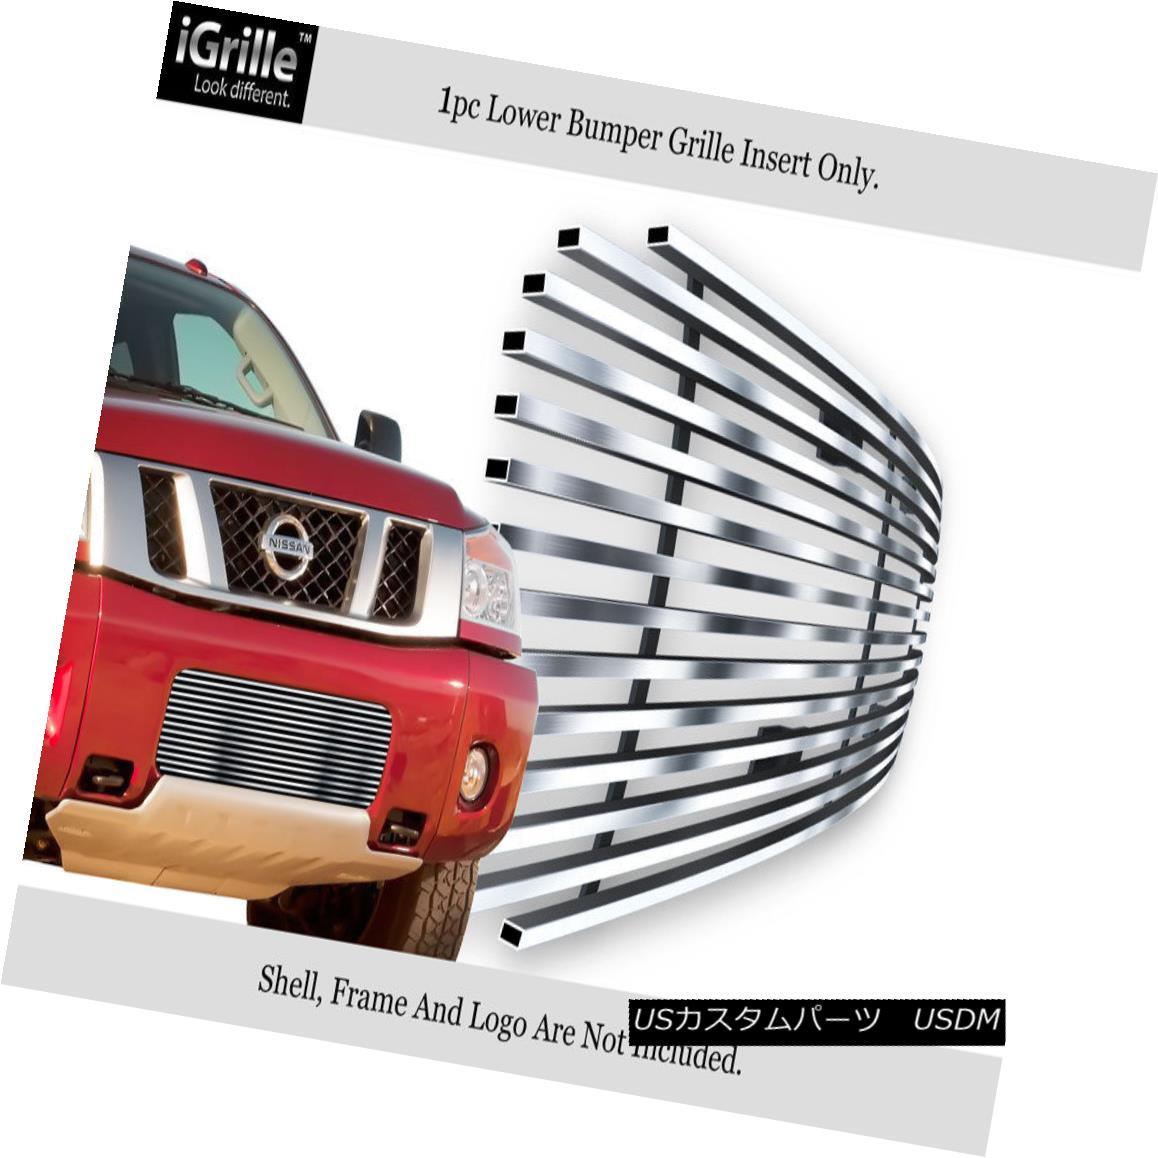 グリル For 2004-2015 Nissan Titan/04-07 Armada Bumper Stainless Billet Grille Insert 2004-2015年Nissan Titan / 04-07 Armadaバンパーステンレスビレットグリルインサート